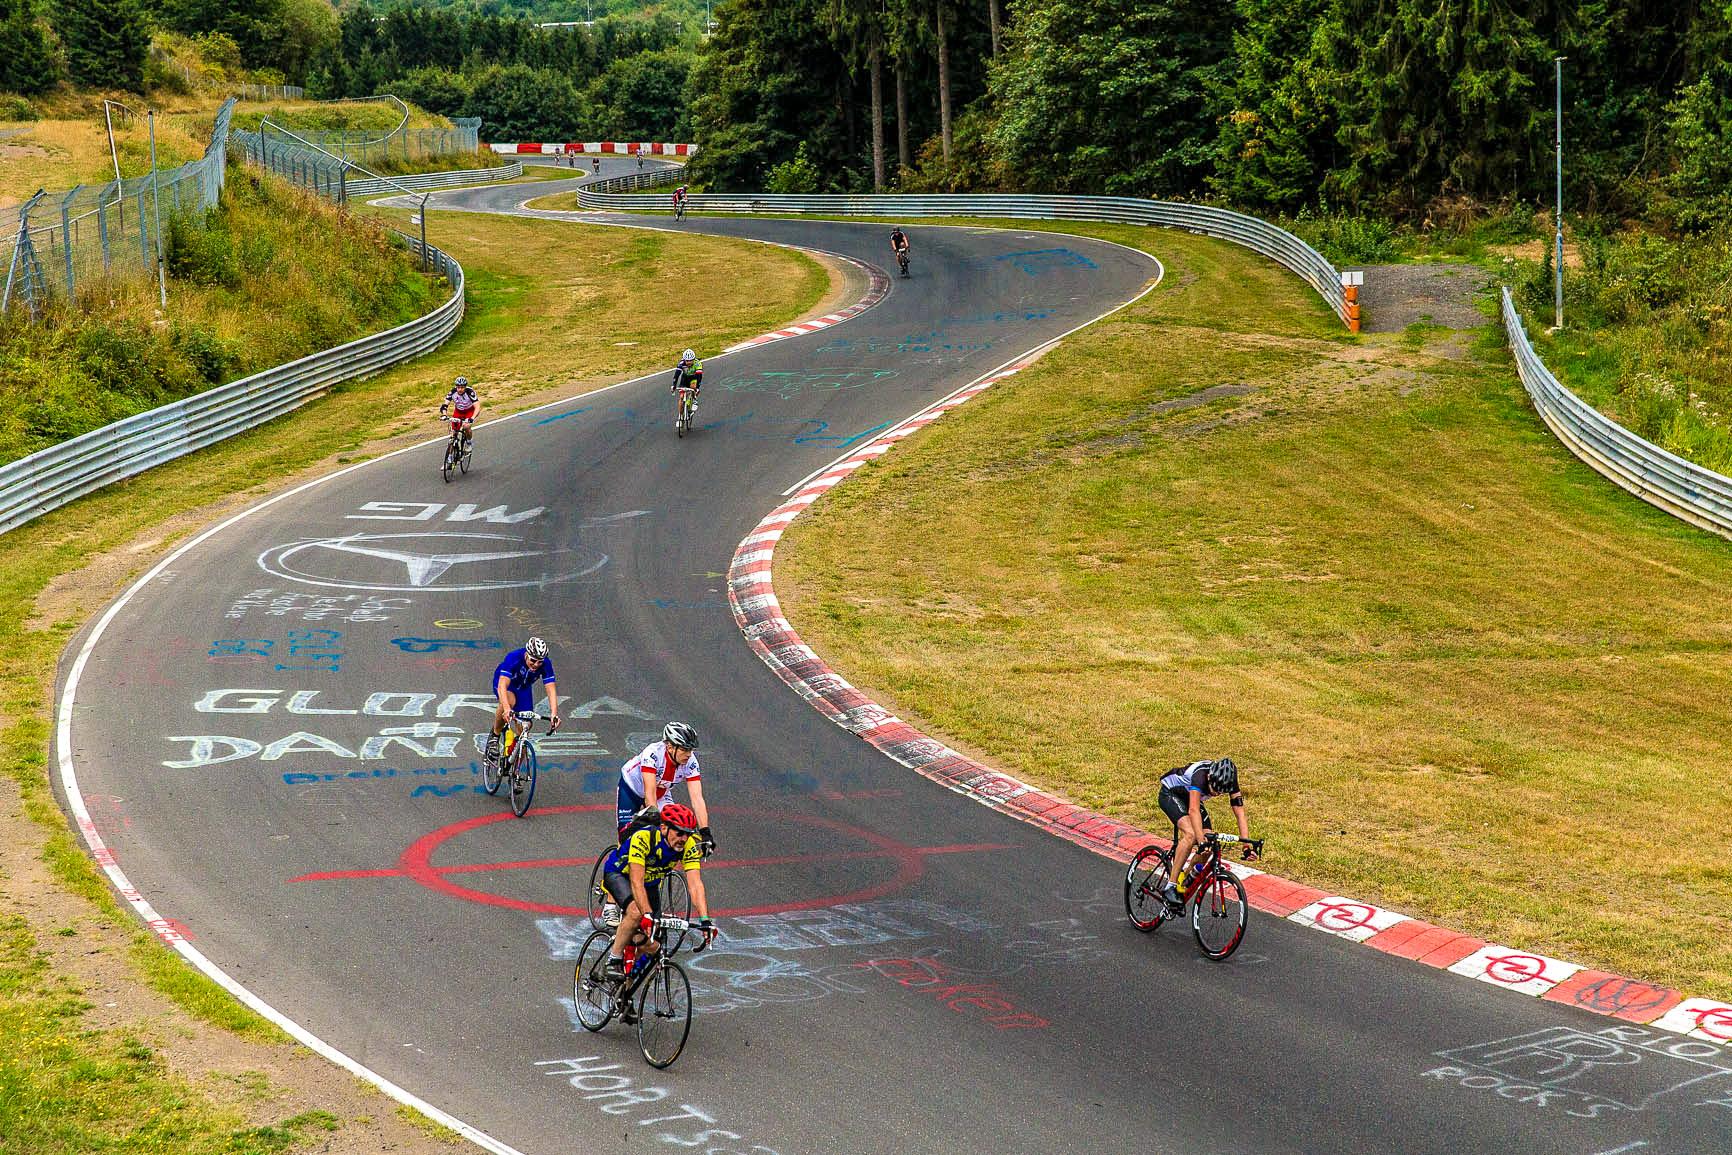 Auf der Rennstrecke beim 24-Stunden-Rennradrennen auf dem Nürburgring